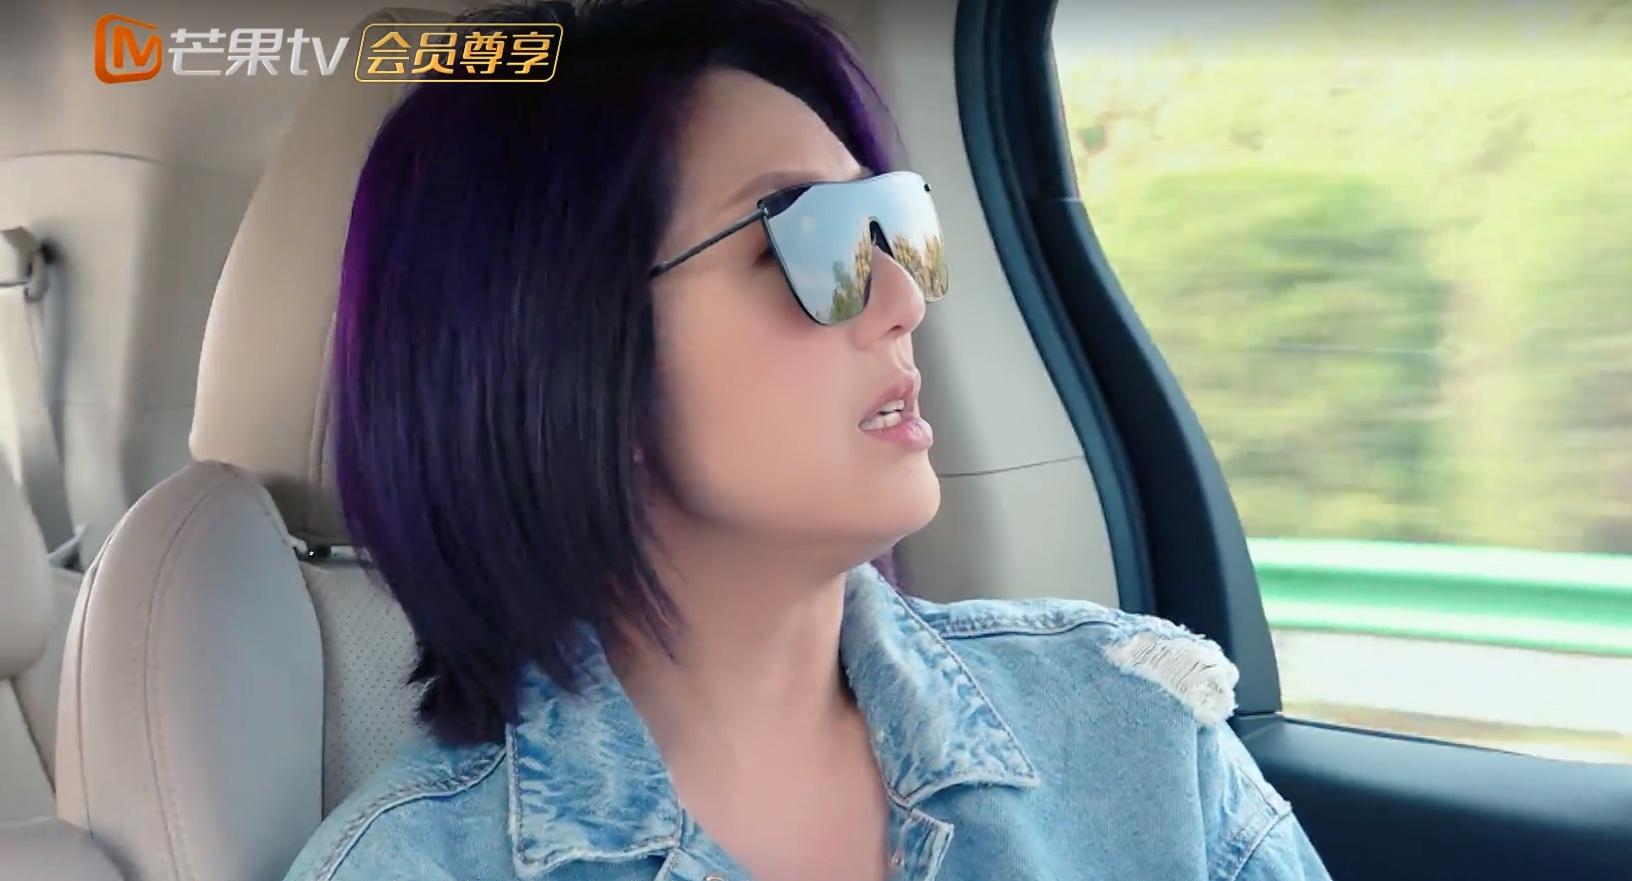 杨千嬅到底有多钟爱紫色头发衣服就算了,看到她的手指网友炸锅!